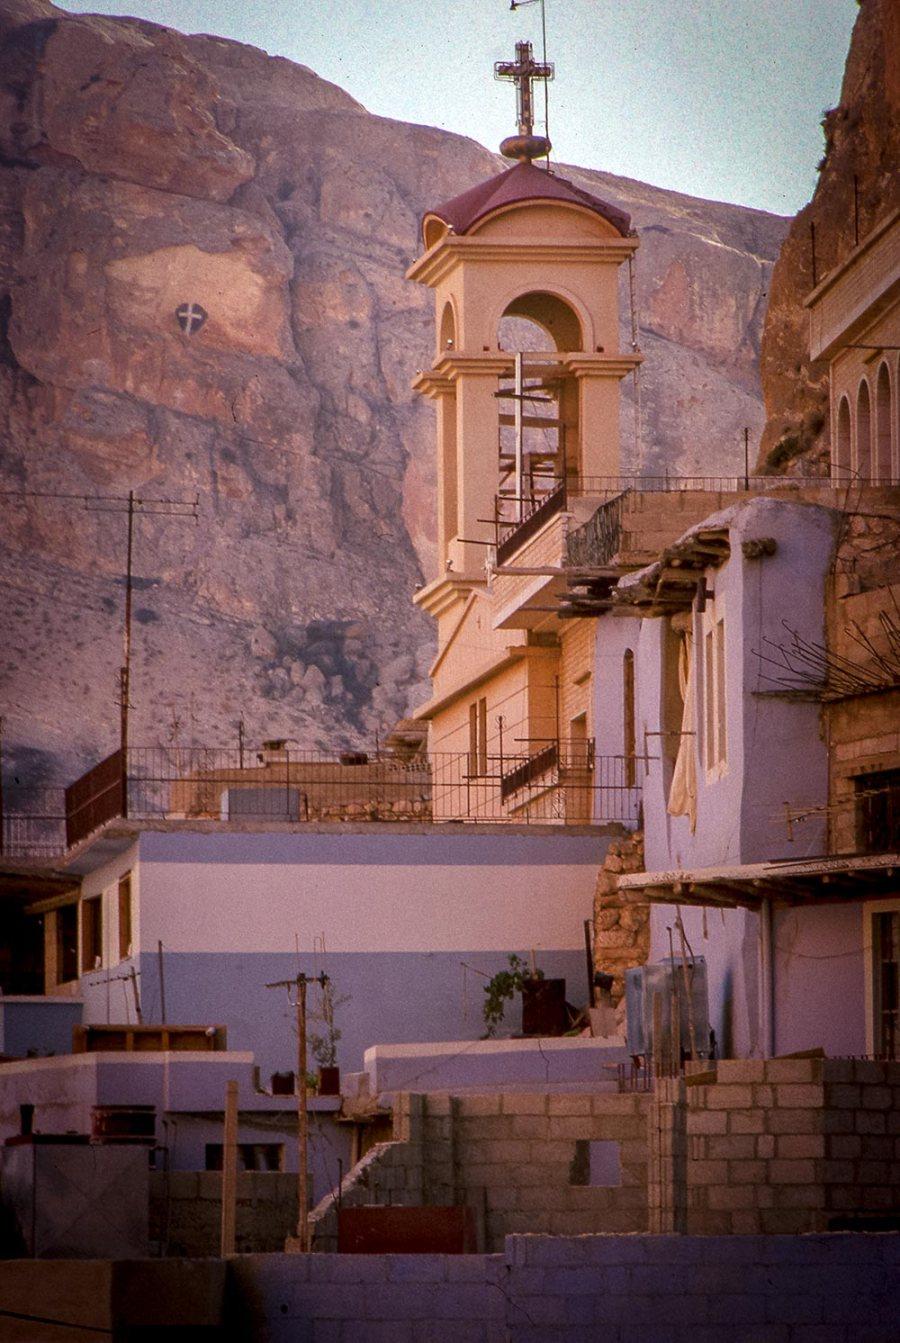 Malula: Kirche, Felsen